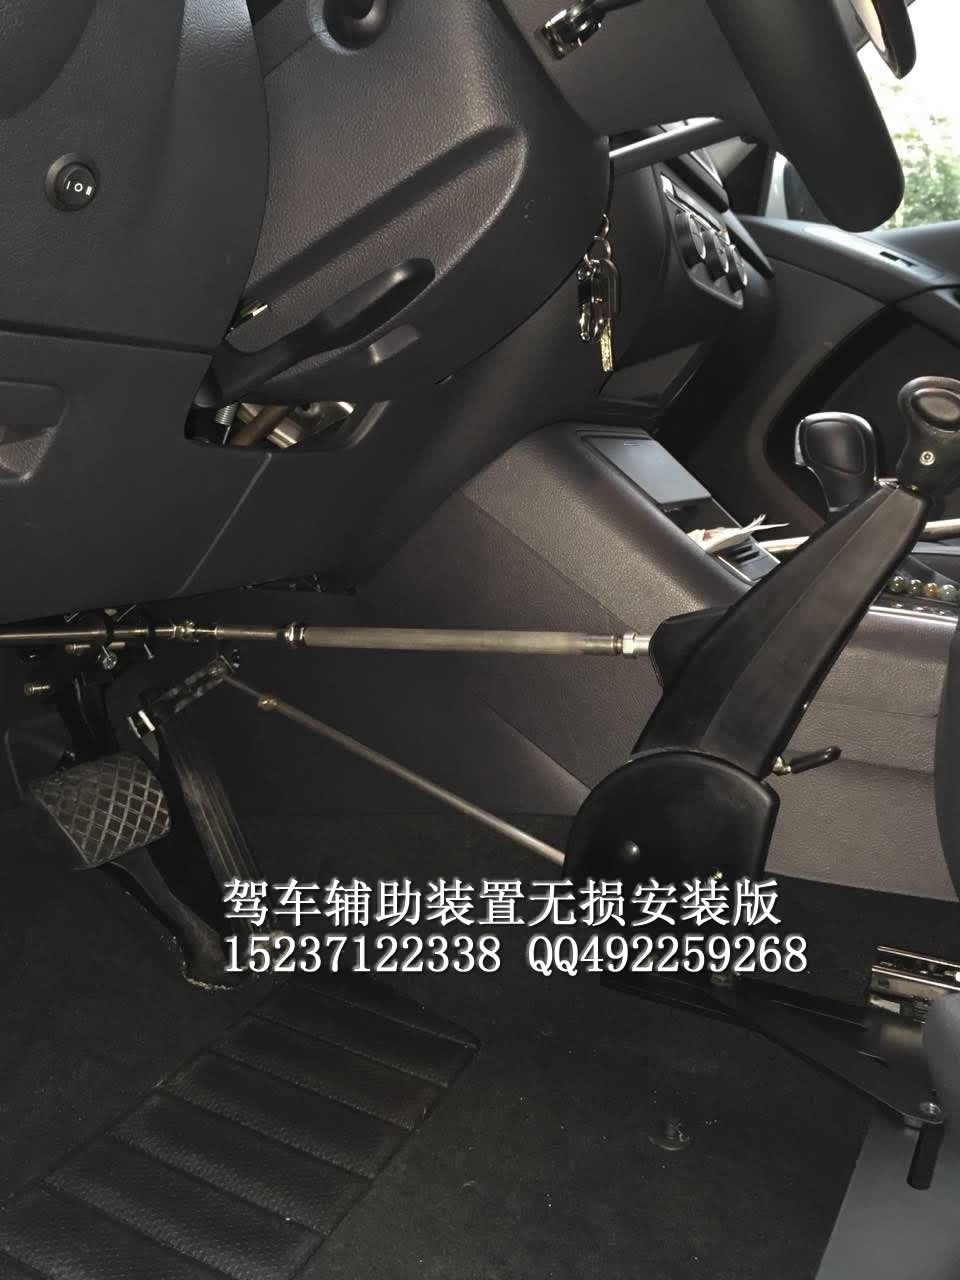 海纳英汽车辅助装置手操作残疾人驾车辅助装置